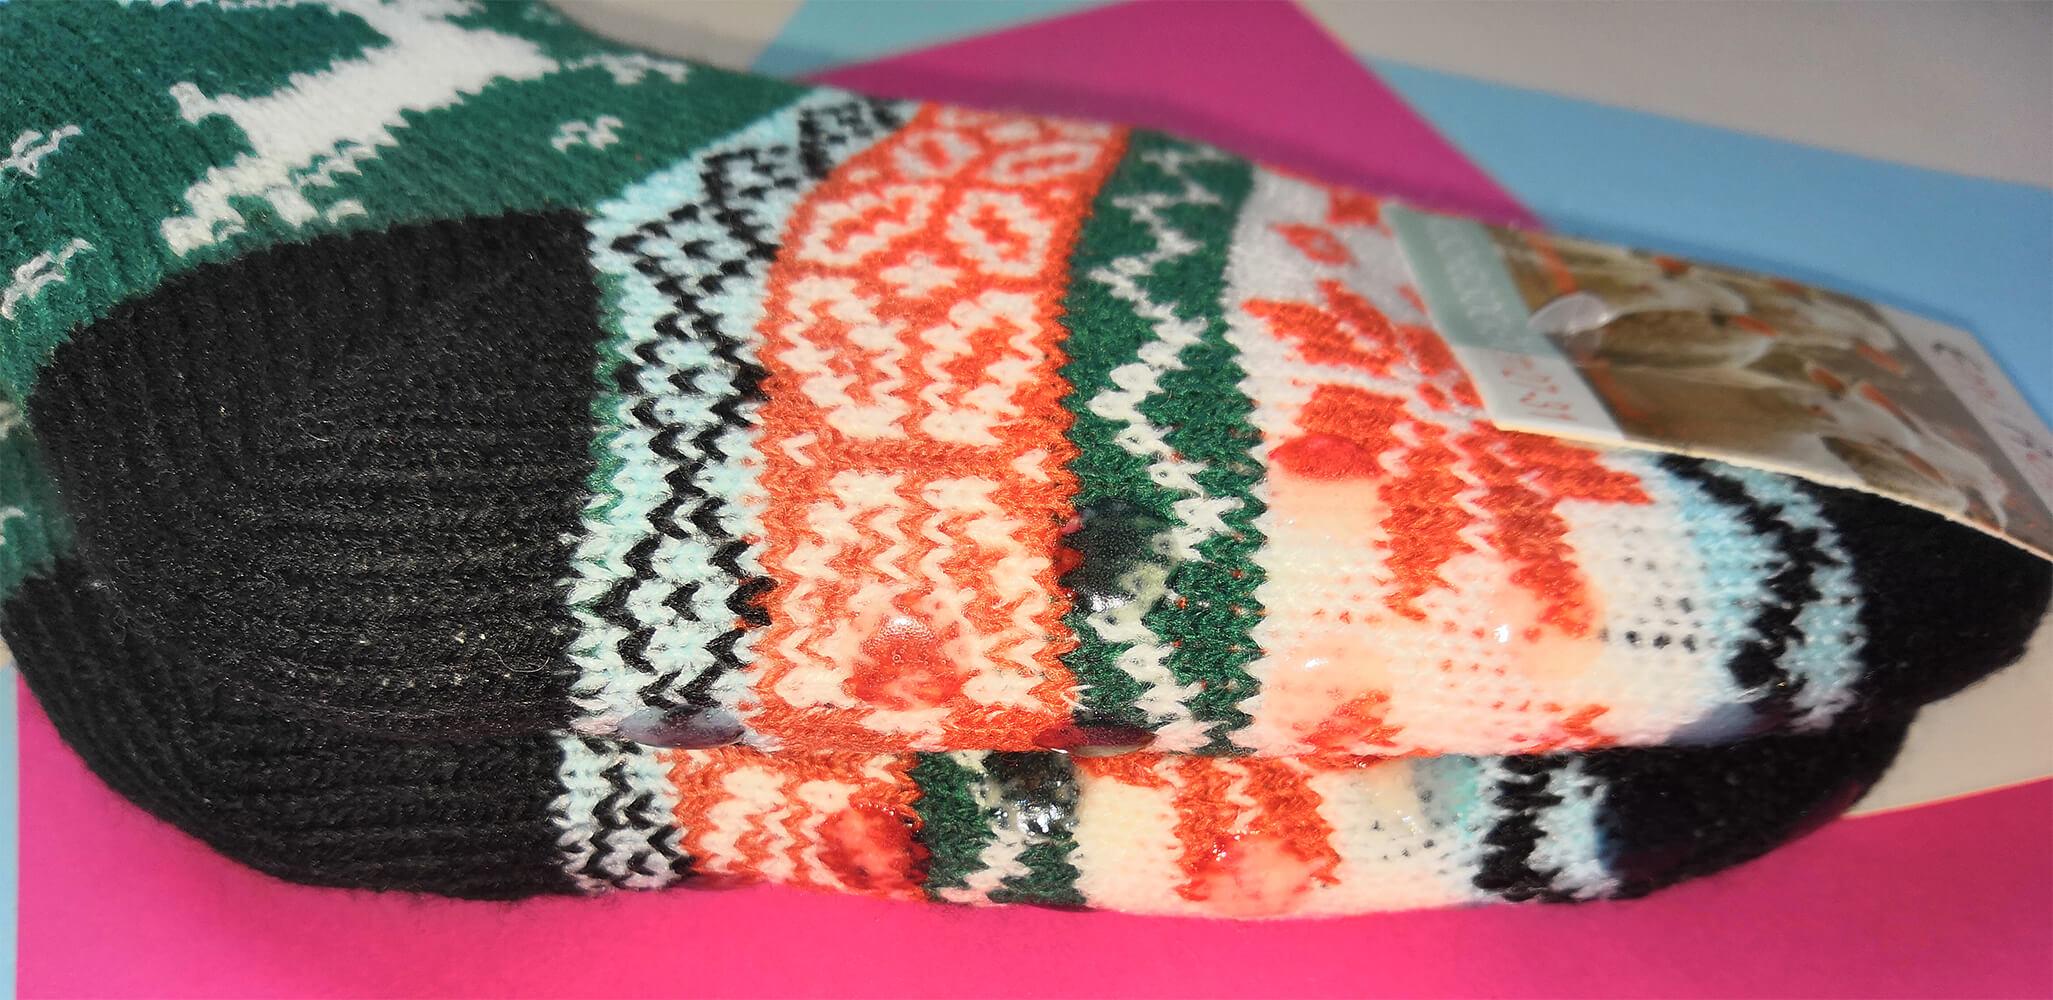 Детские носки-тапочки Emi Ross EJ-6208-bl зеленого цвета. 27-31 размера. Фото 3